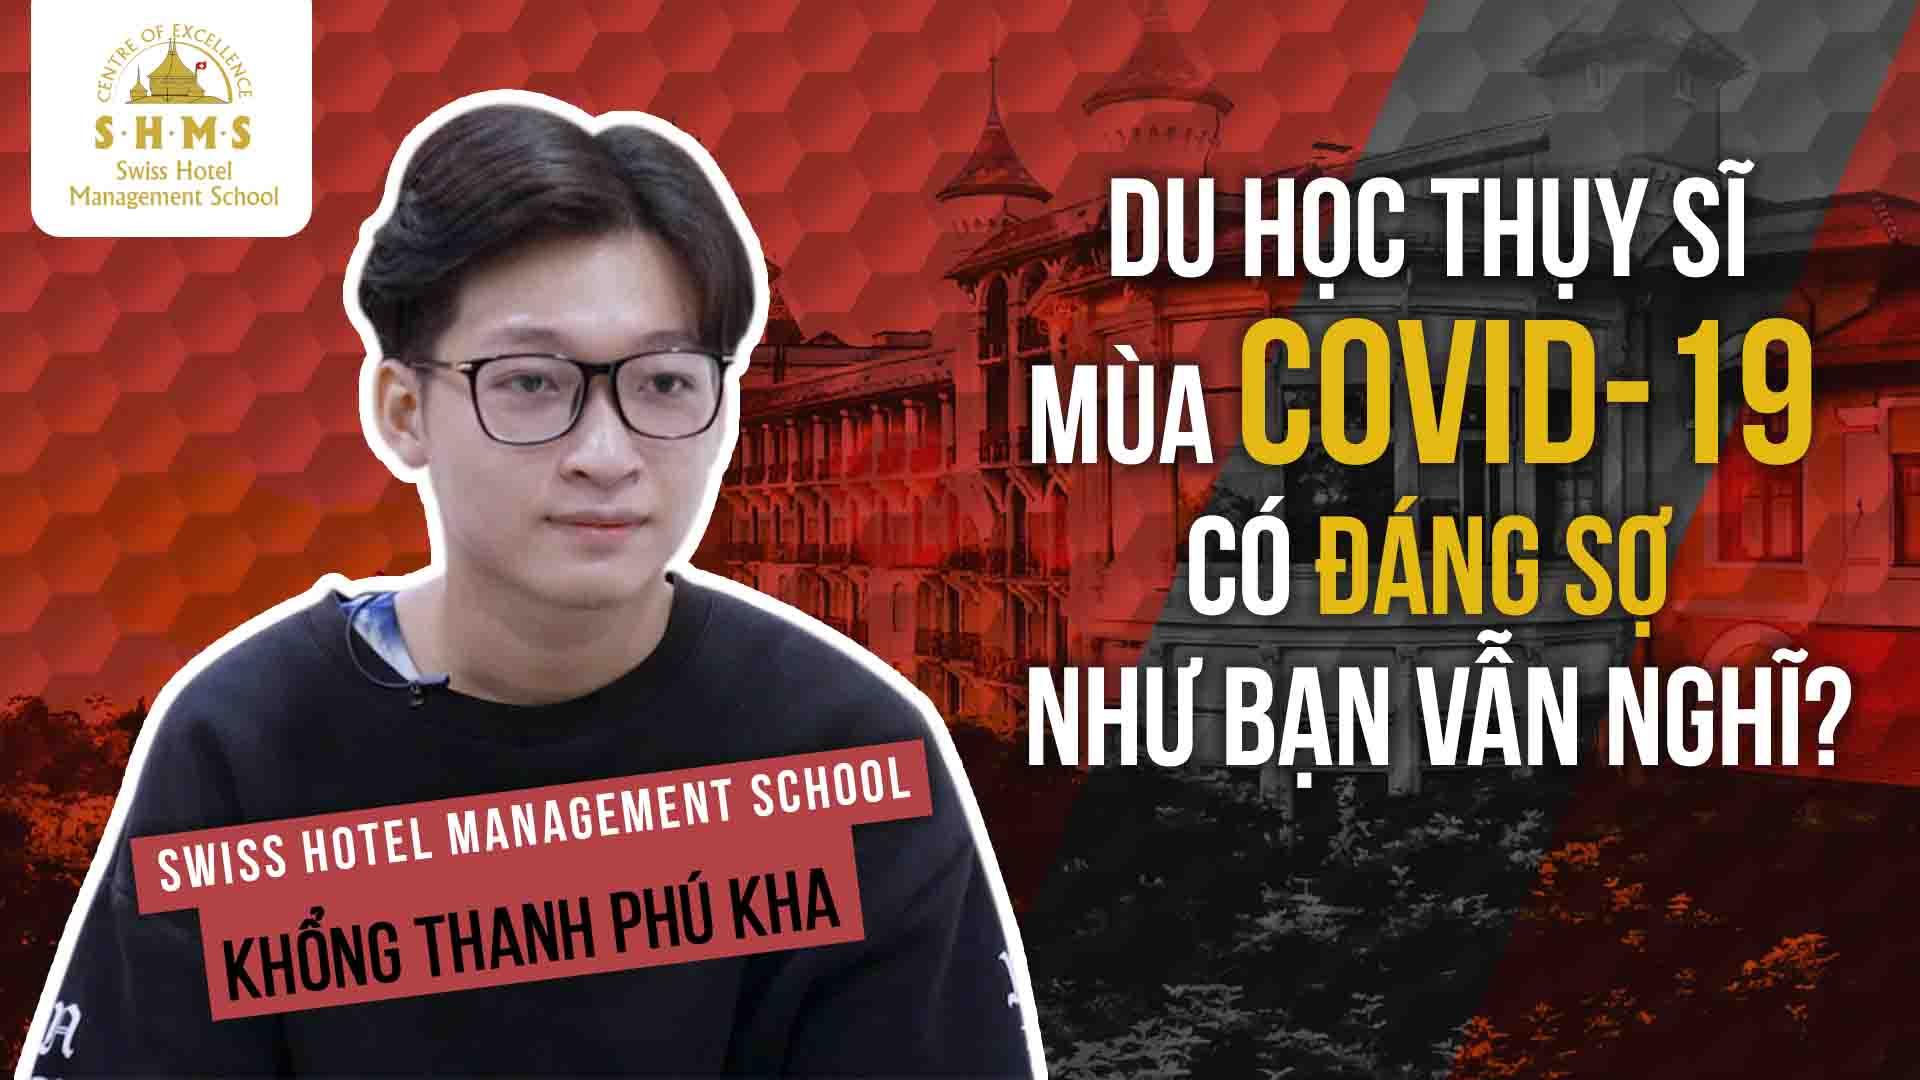 Du học sinh Thụy Sĩ tại trường SHMS: bạn Khổng Thanh Phú Kha